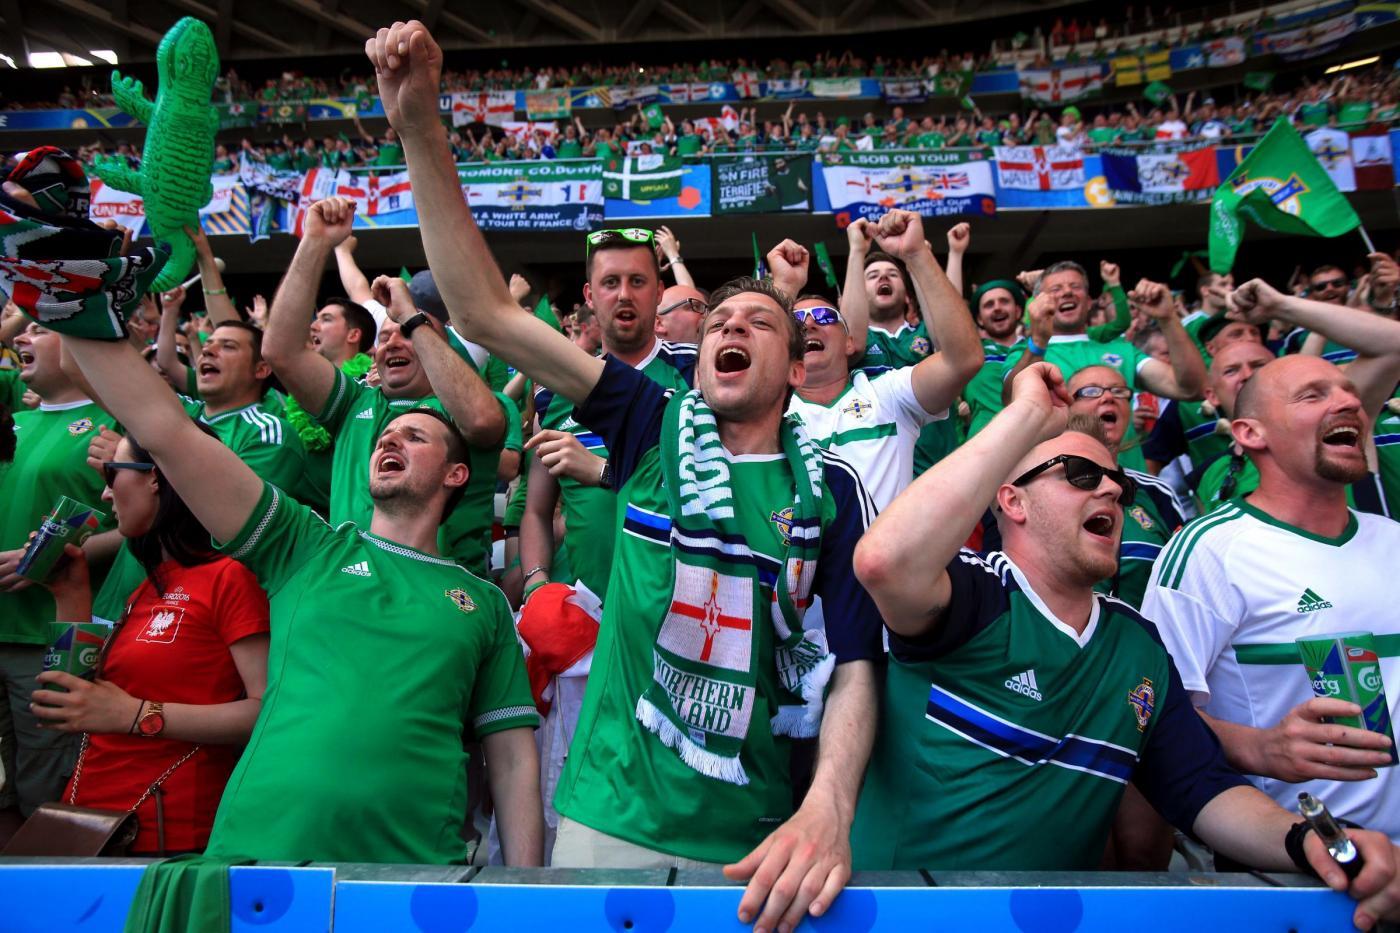 Euro 2016, tifoso ubriaco dell'Irlanda del Nord cade da un parapetto e muore